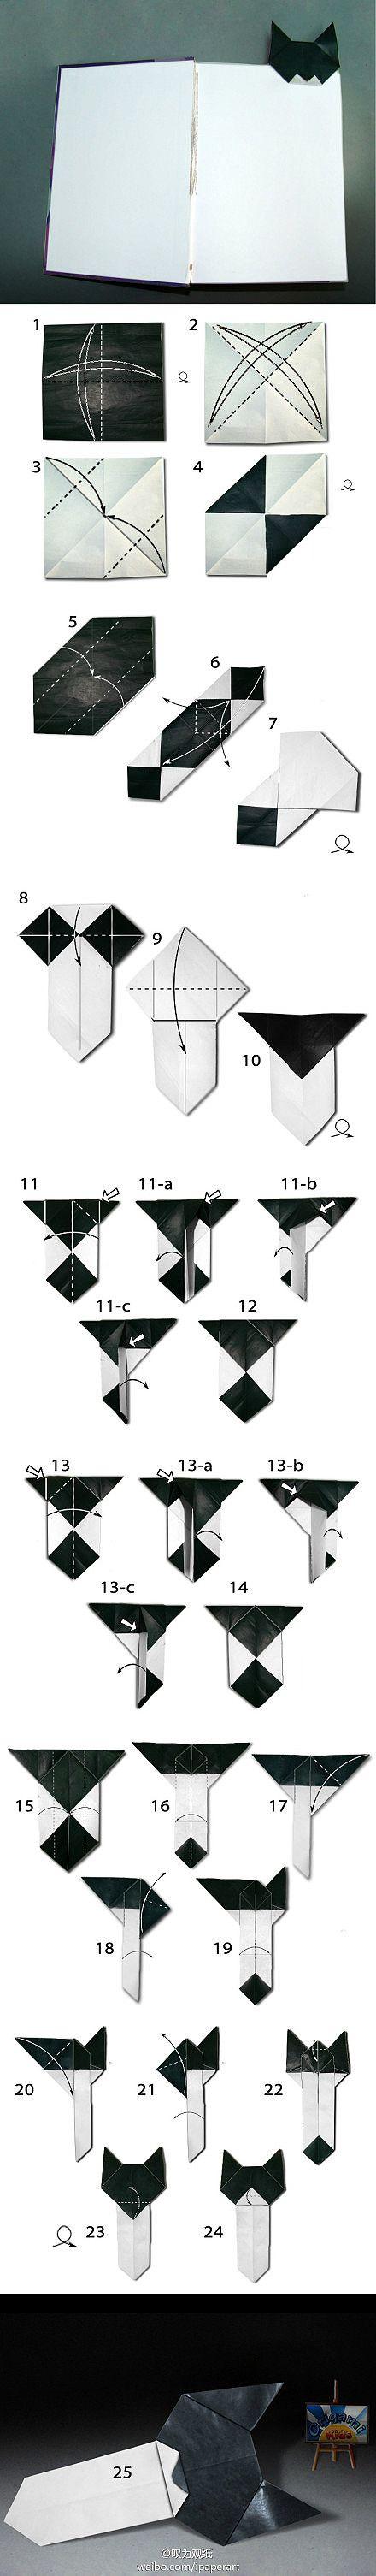 Origami cat bookmark.